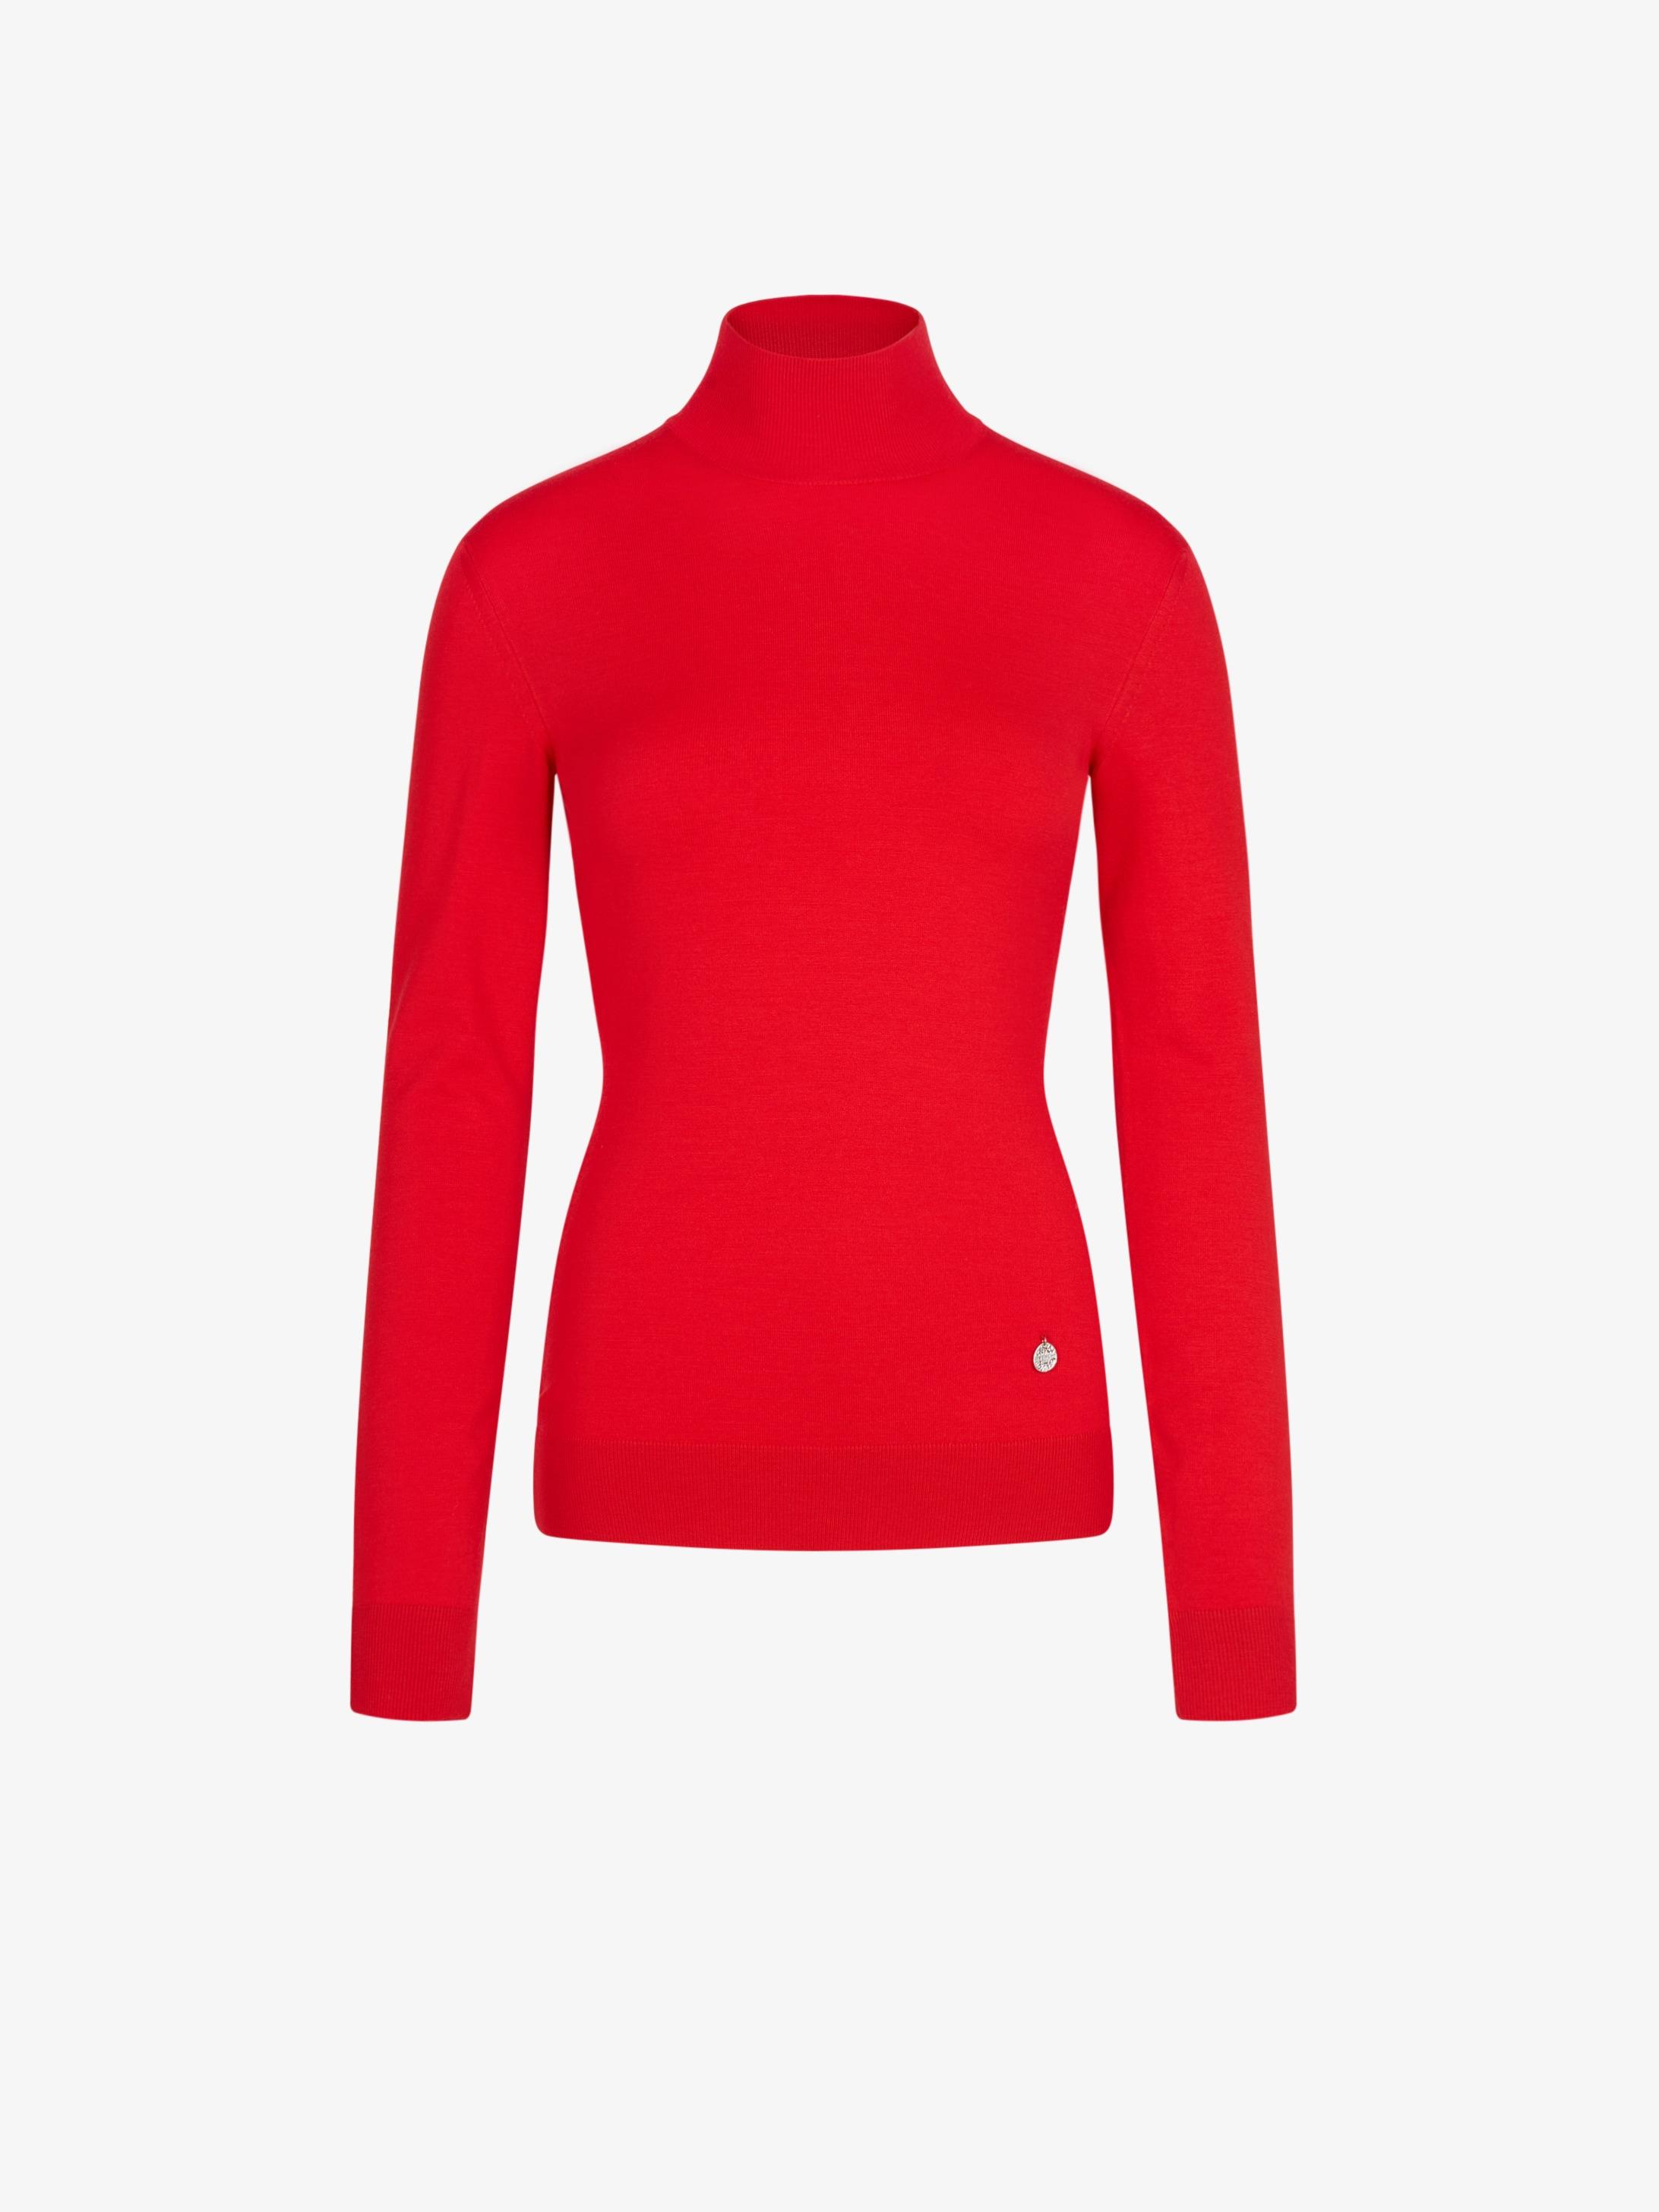 Pullover a collo alto in jersey di lana